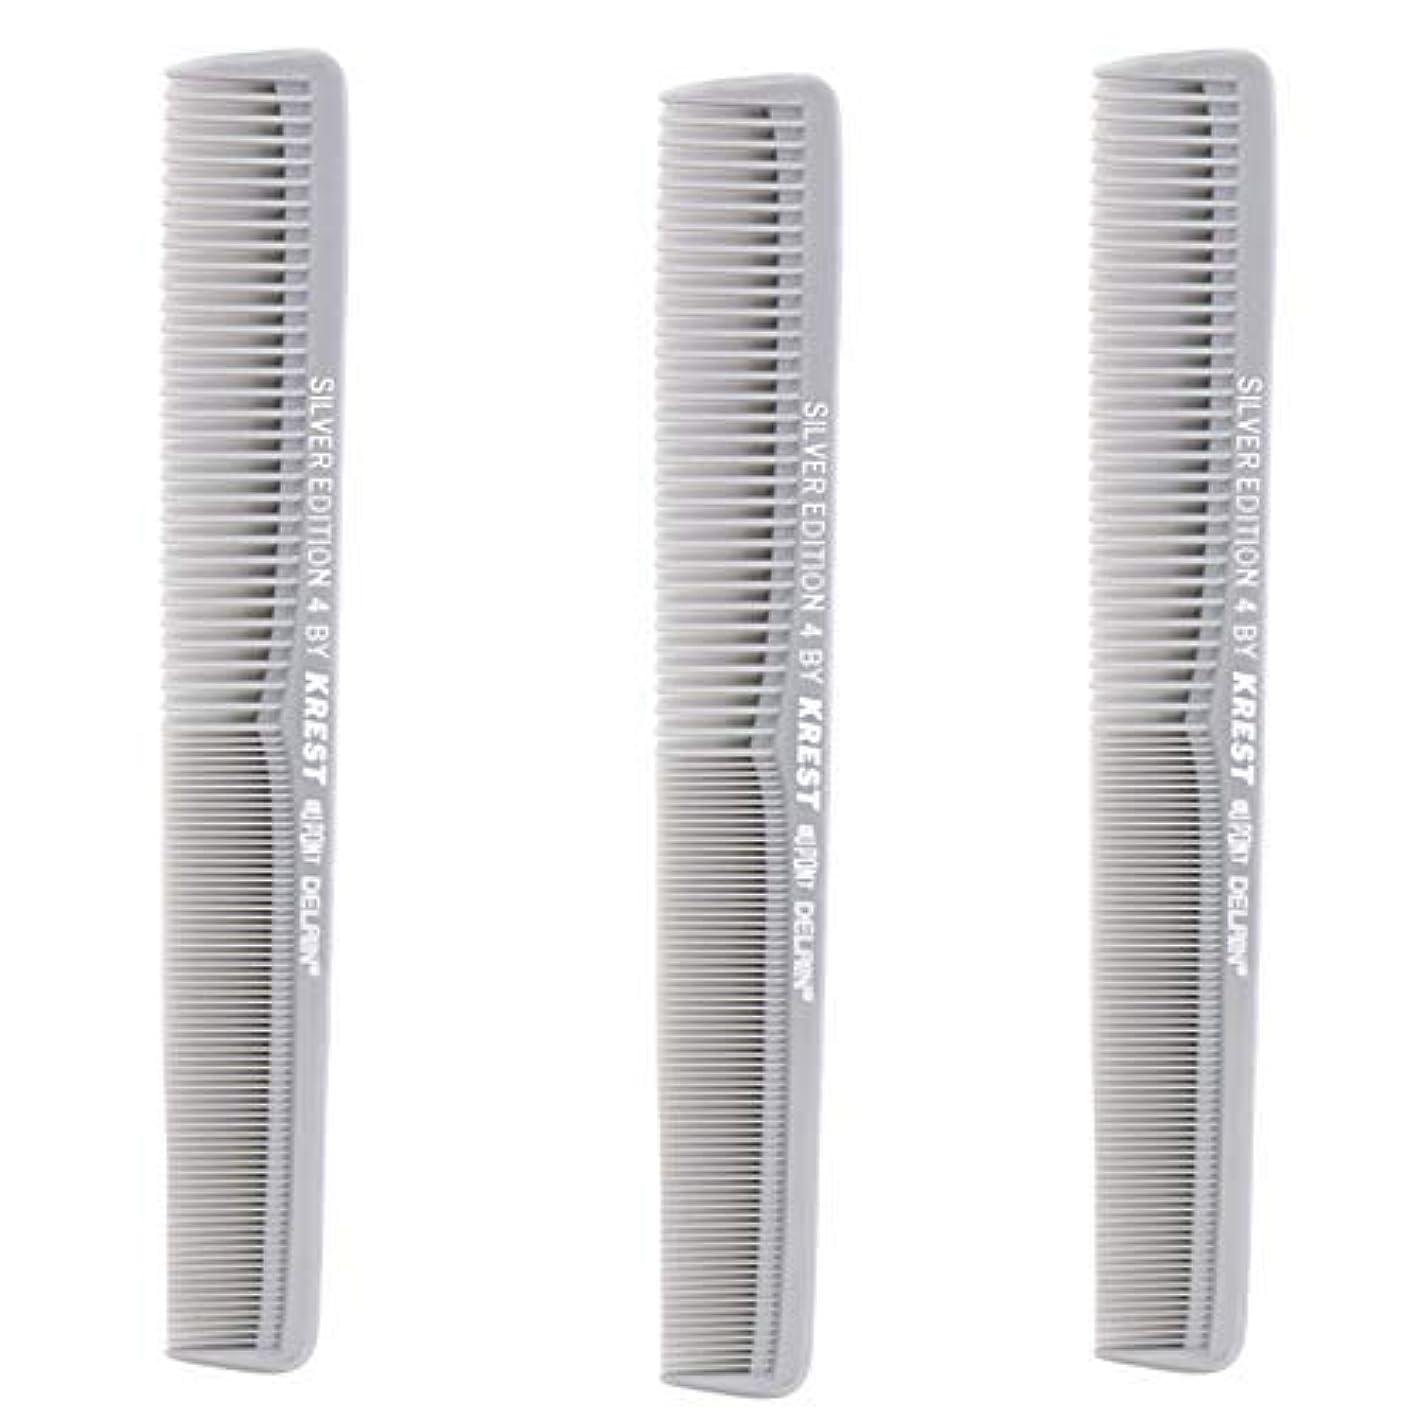 奨励麻酔薬訴えるKrest Comb 7 In. Silver Edition Heat Resistant All Purpose Hair Comb Model #4 [並行輸入品]